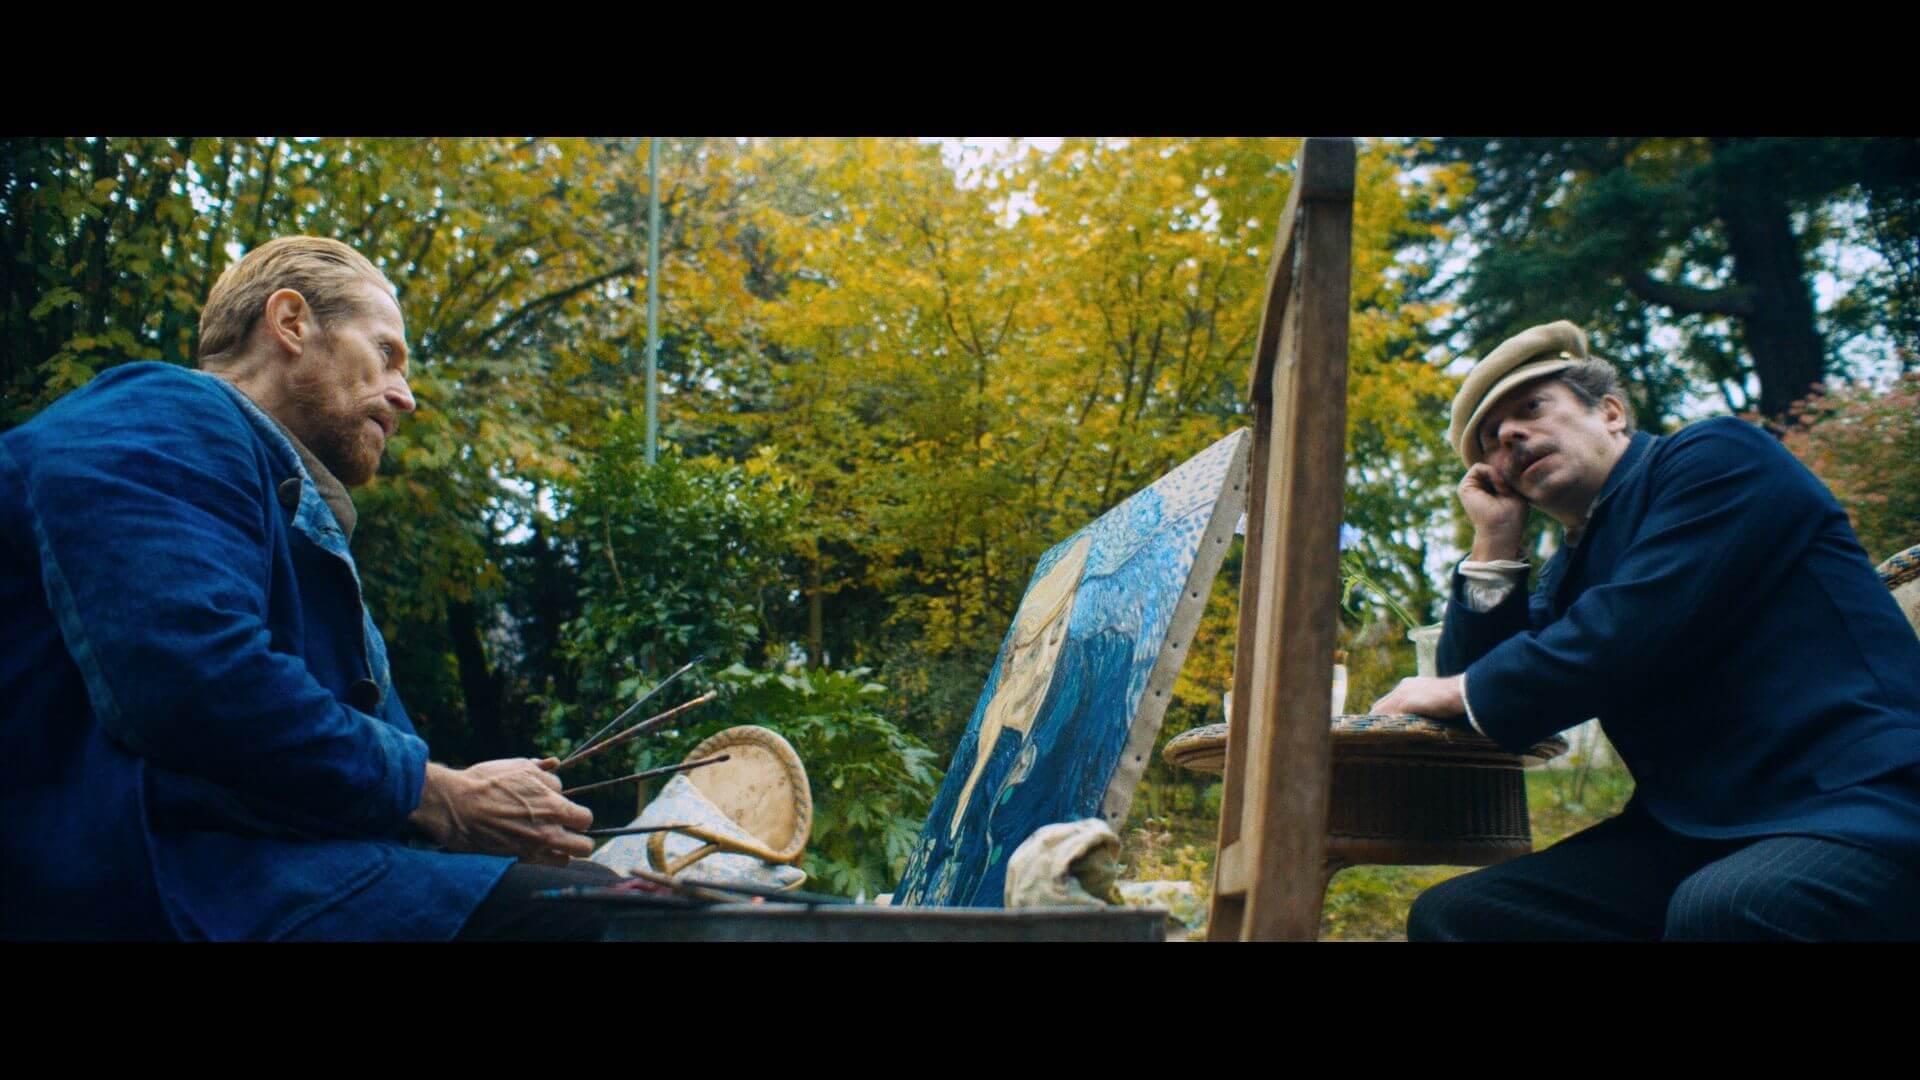 いよいよ本日公開|孤高の画家ゴッホの世界を描く『永遠の門 ゴッホの見た未来』より、本編映像が解禁! film191108_gogh_1